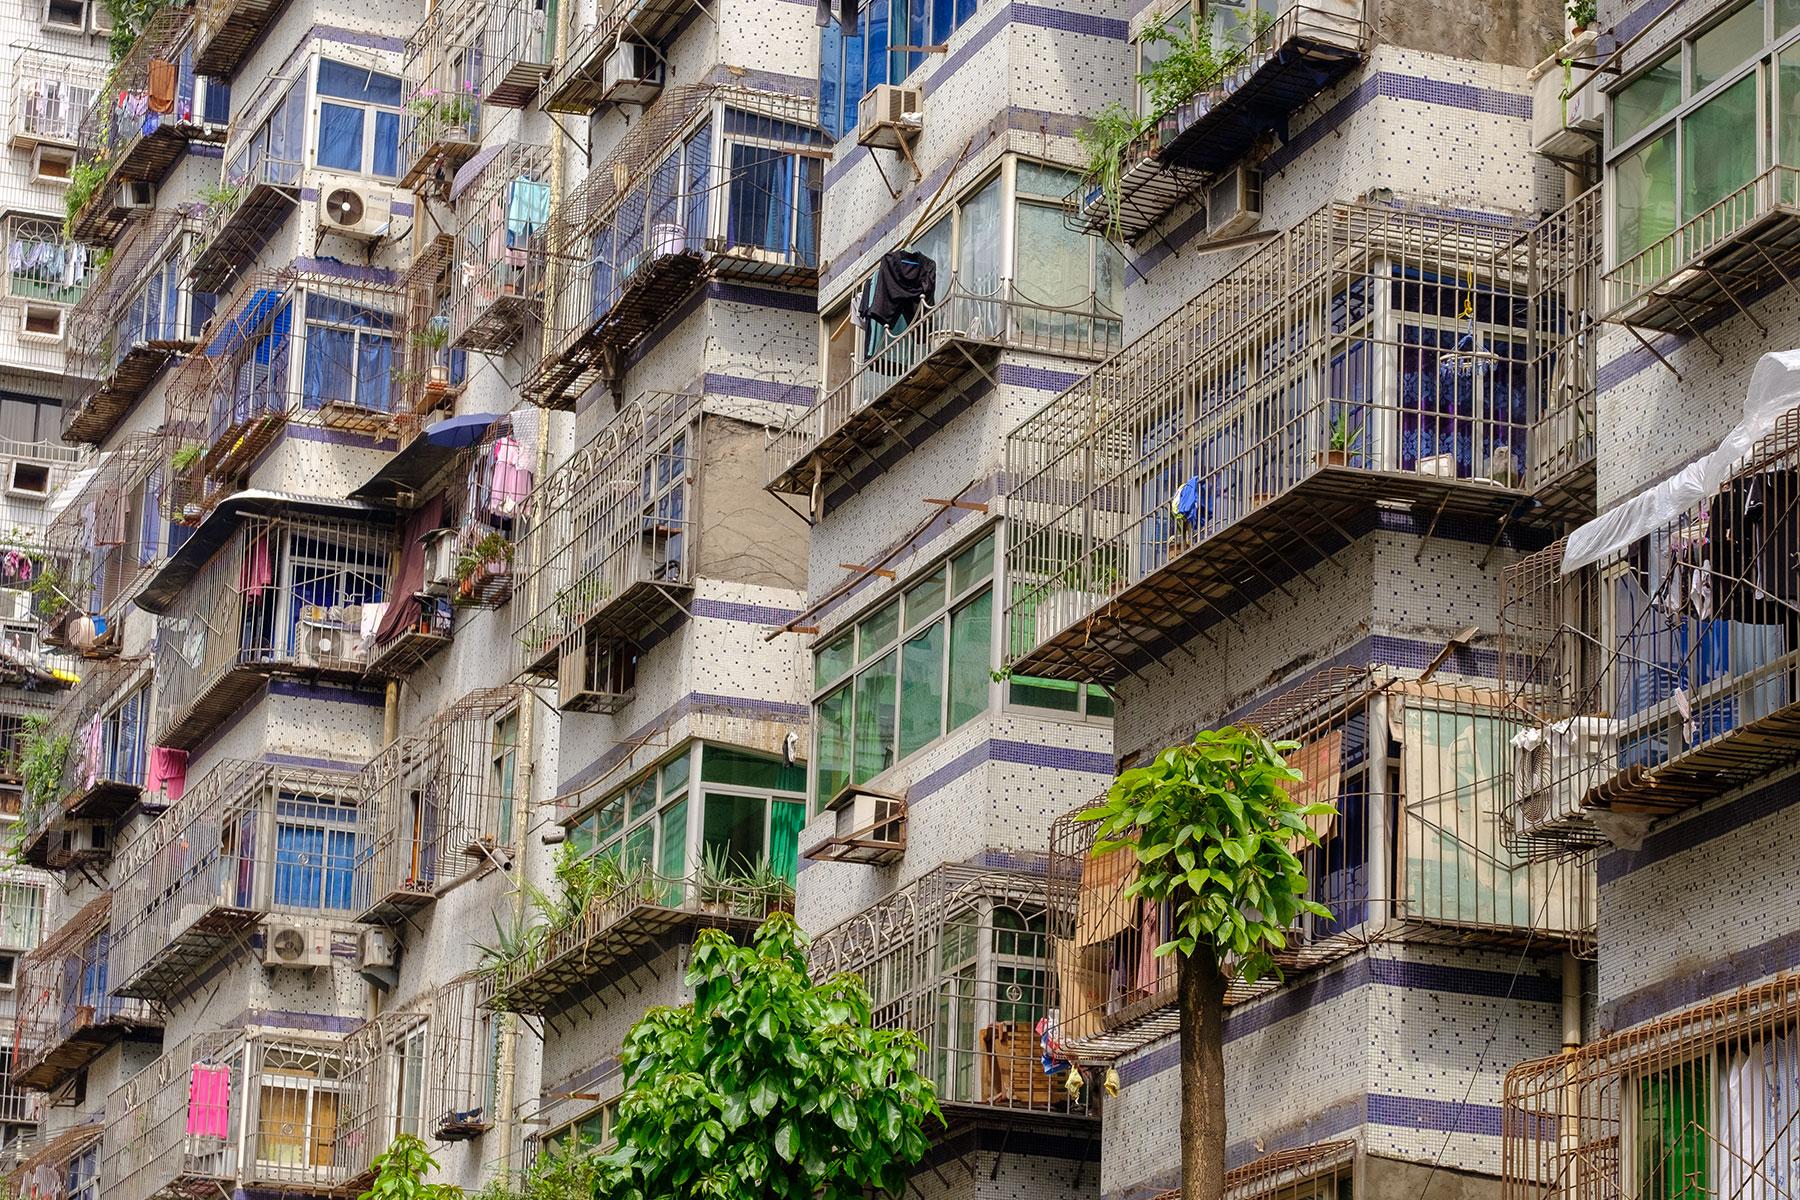 Hochhäuser mit Gittern vor Fenstern in Chongqing China